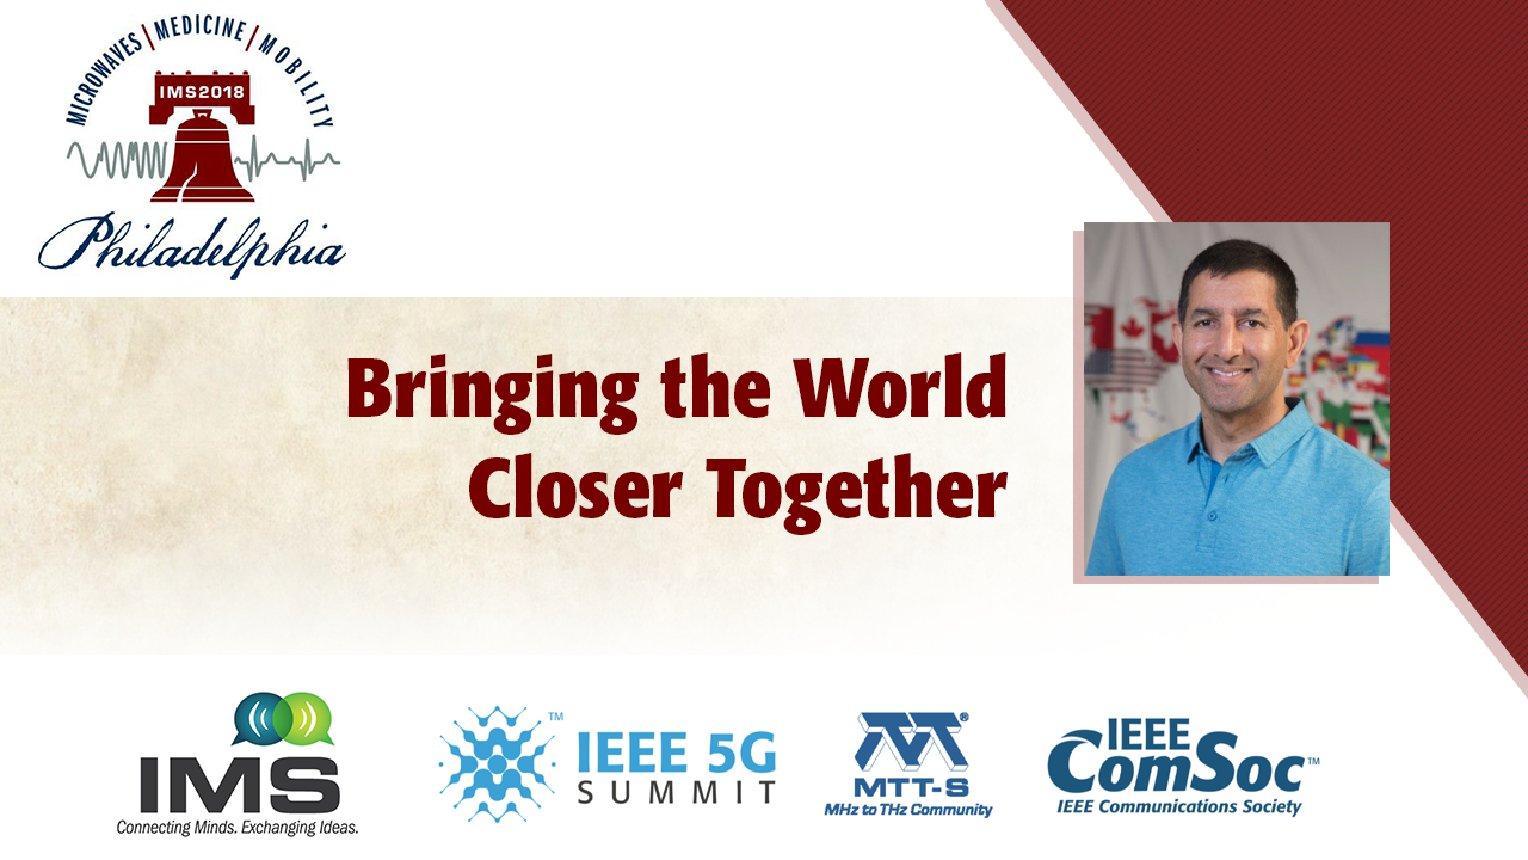 'Bringing the World Closer Together'